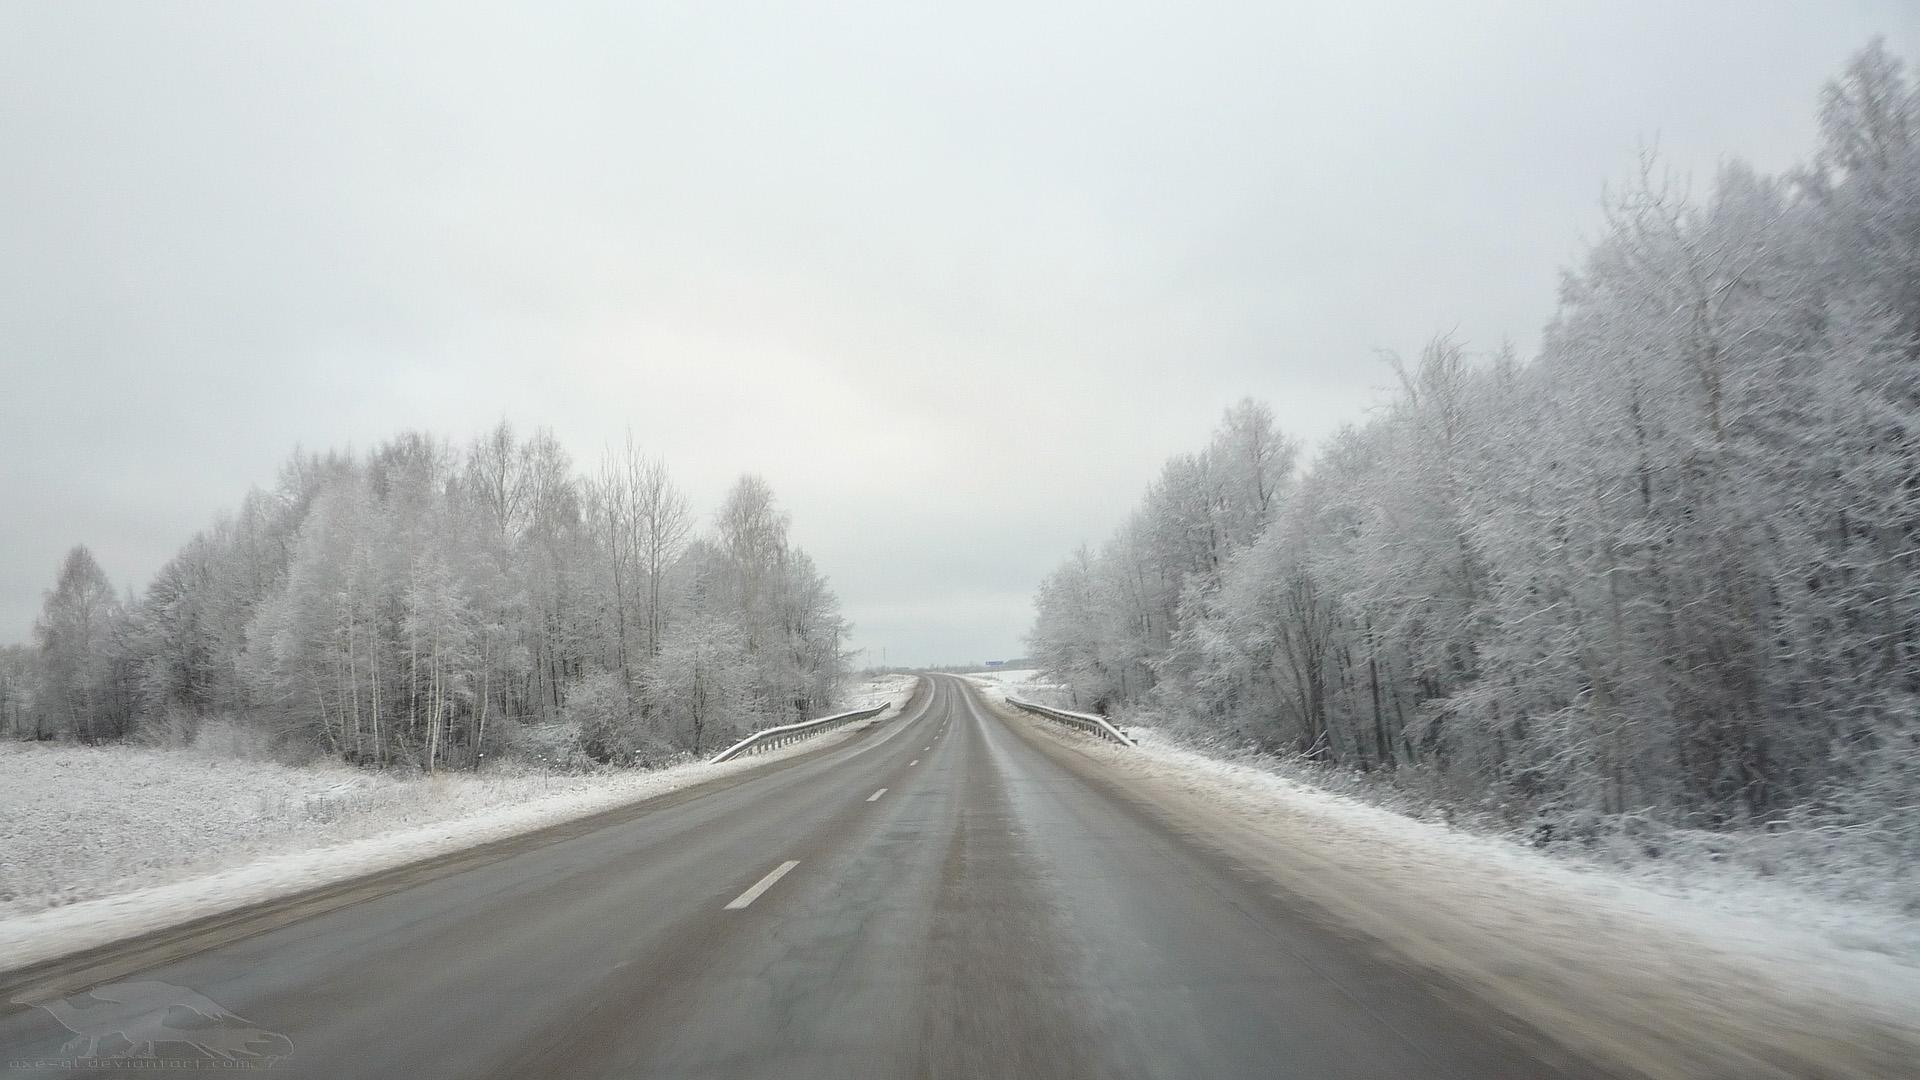 Жълт код за сняг и вятър е в сила в събота за цялата страна